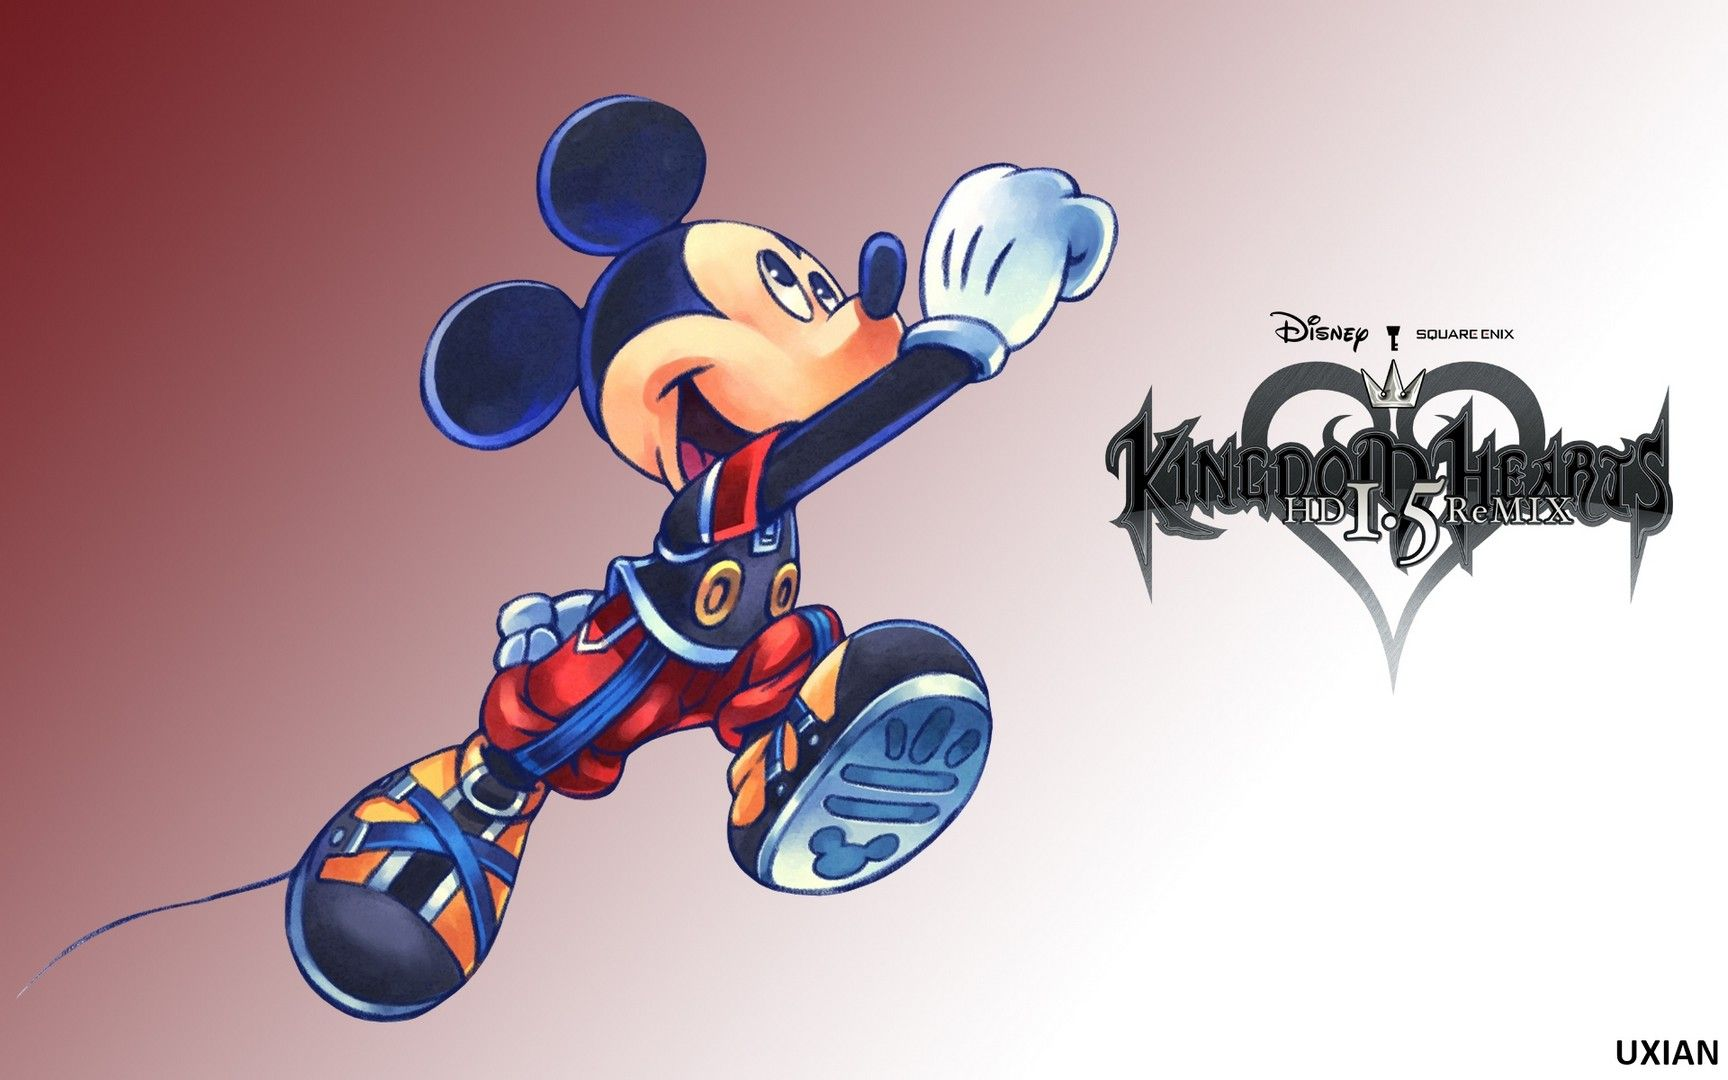 Kingdom Hearts Hd 1 5 Remix Wallpapers Cool Kingdom Hearts Hd 1 5